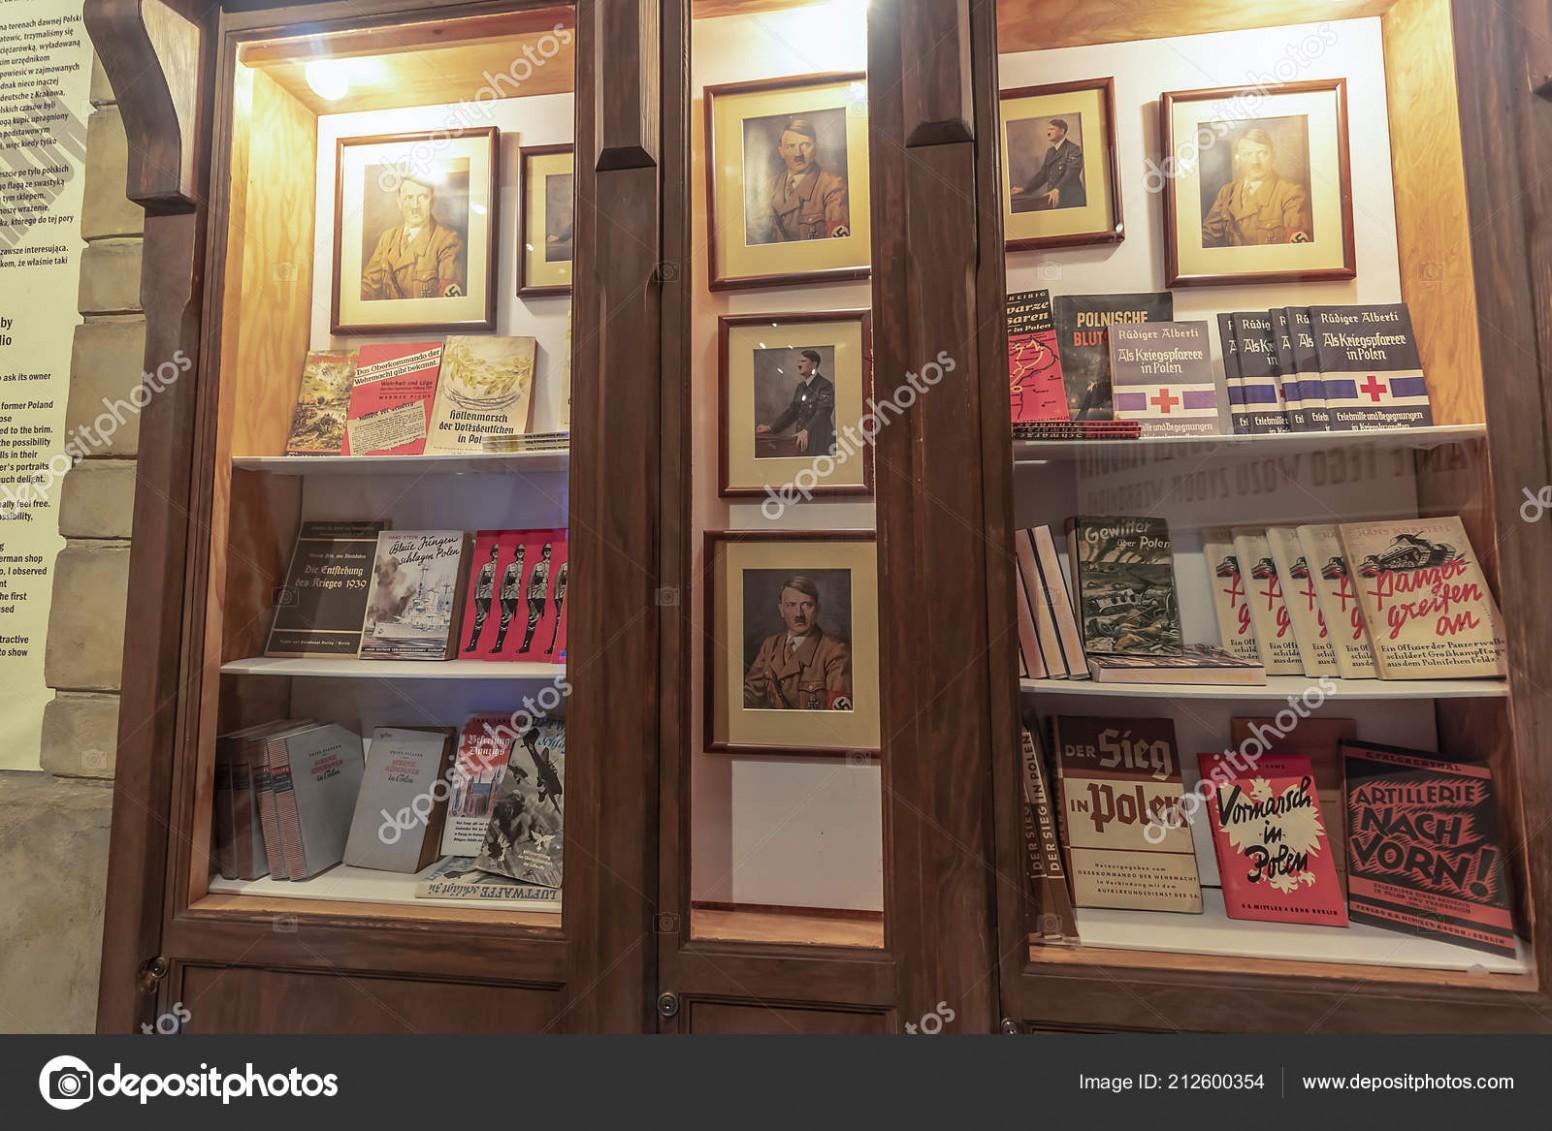 43 Nejlepší Obrázky z Nábytek v Polsku